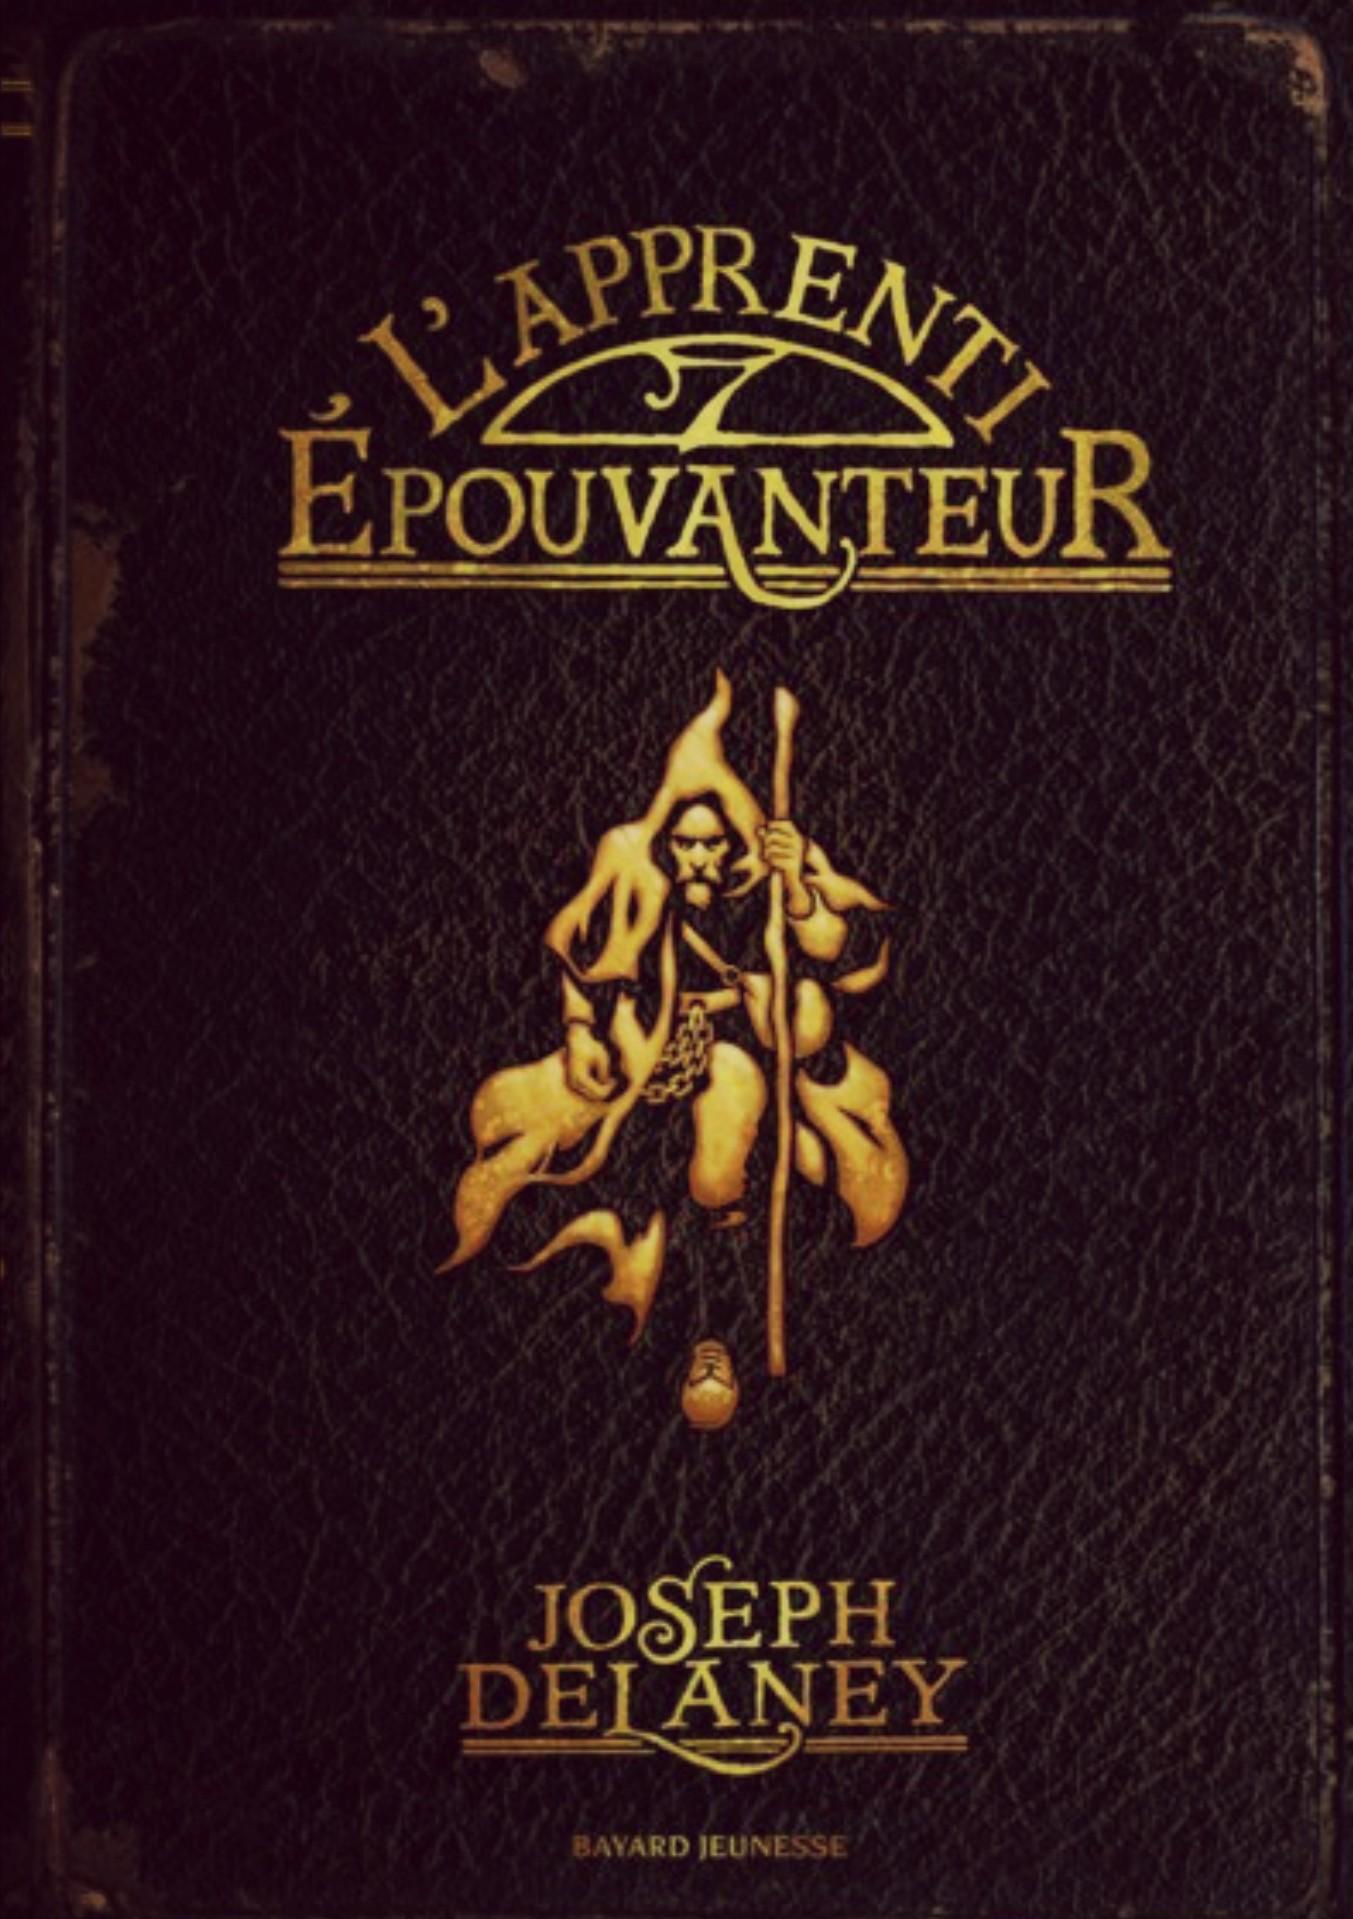 L'épouvanteur : tomes 0 à 8 de Joseph Delaney